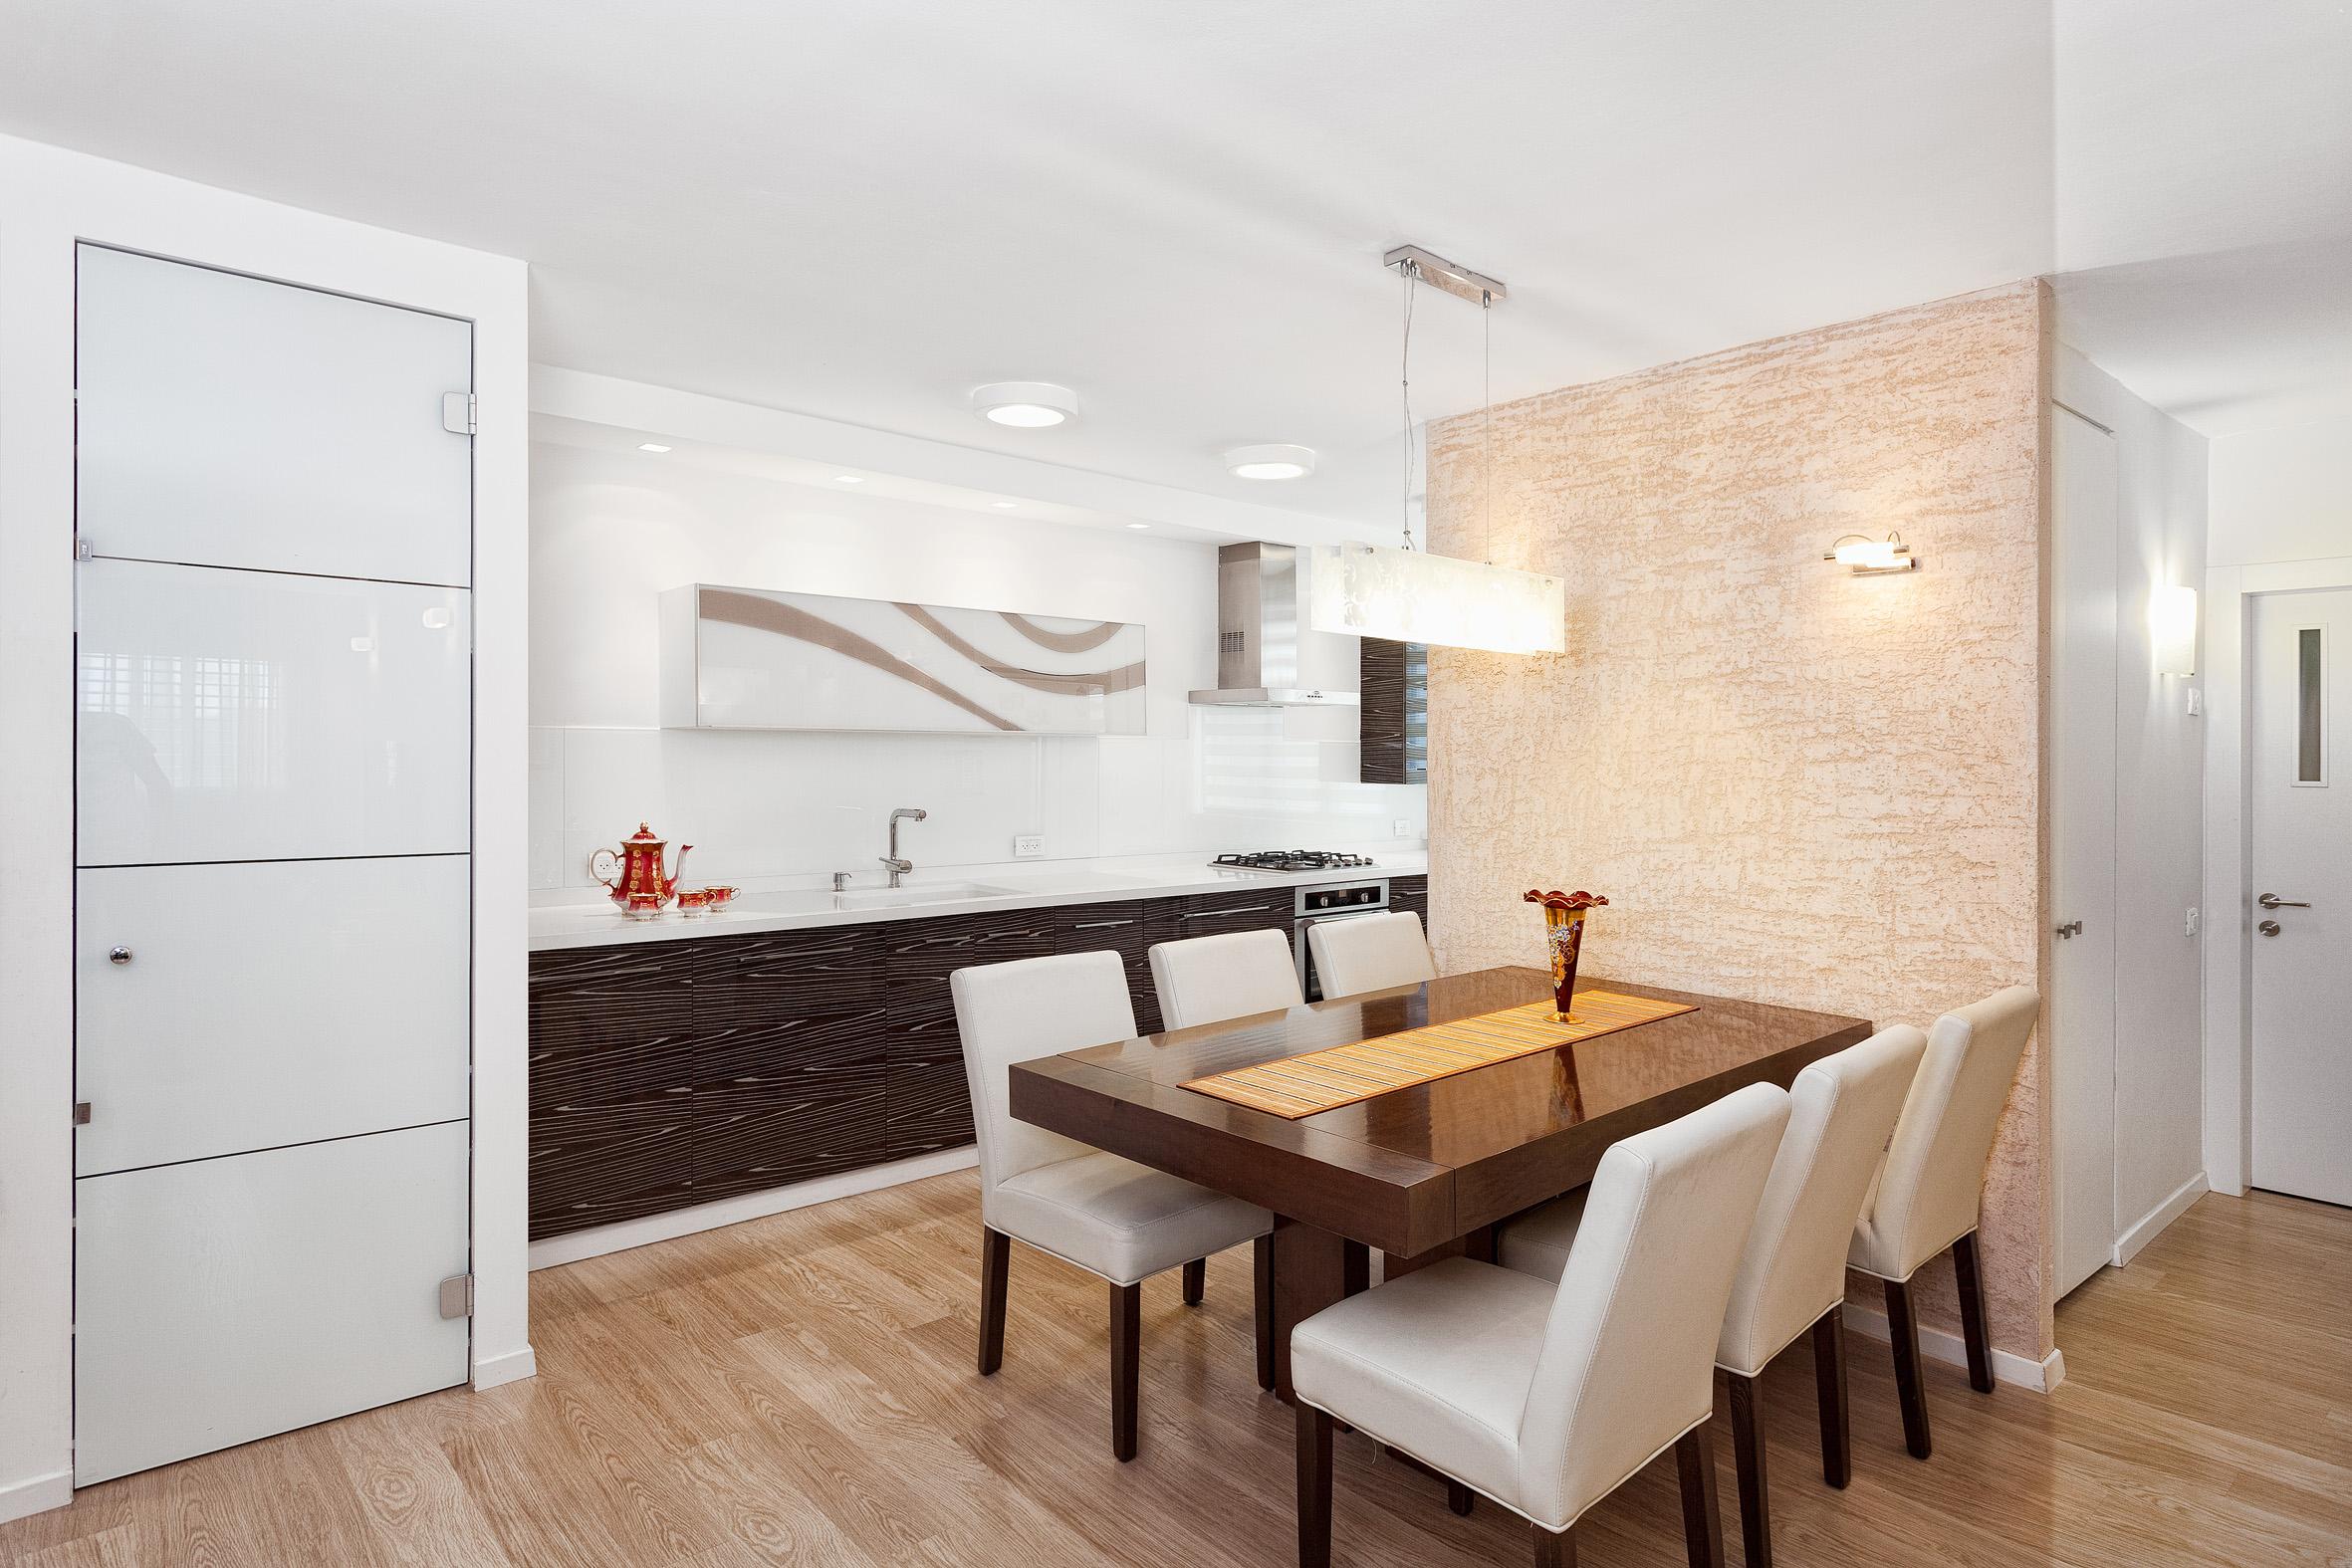 פינת אוכל, דירת 3 חדרים בתל-אביב